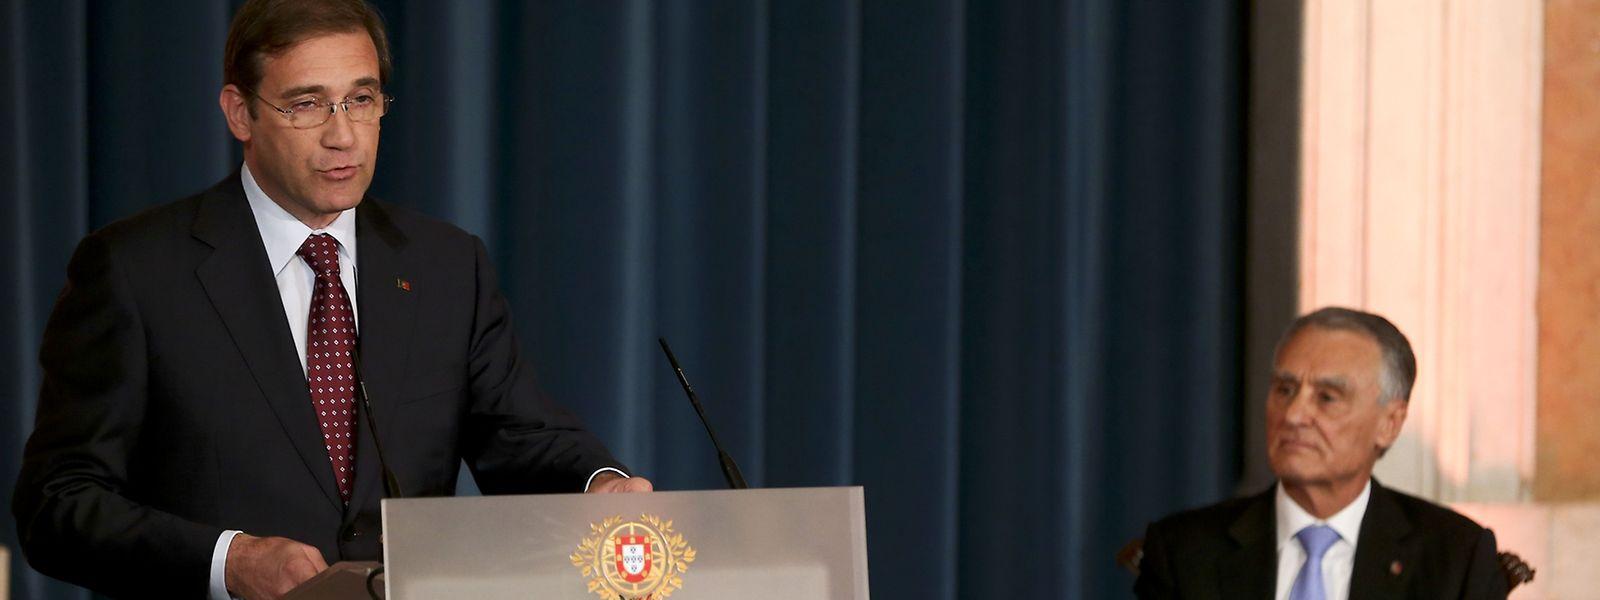 O primeiro-ministro de Portugal, Pedro Passos Coelho, acompanhado pelo Presidente da República